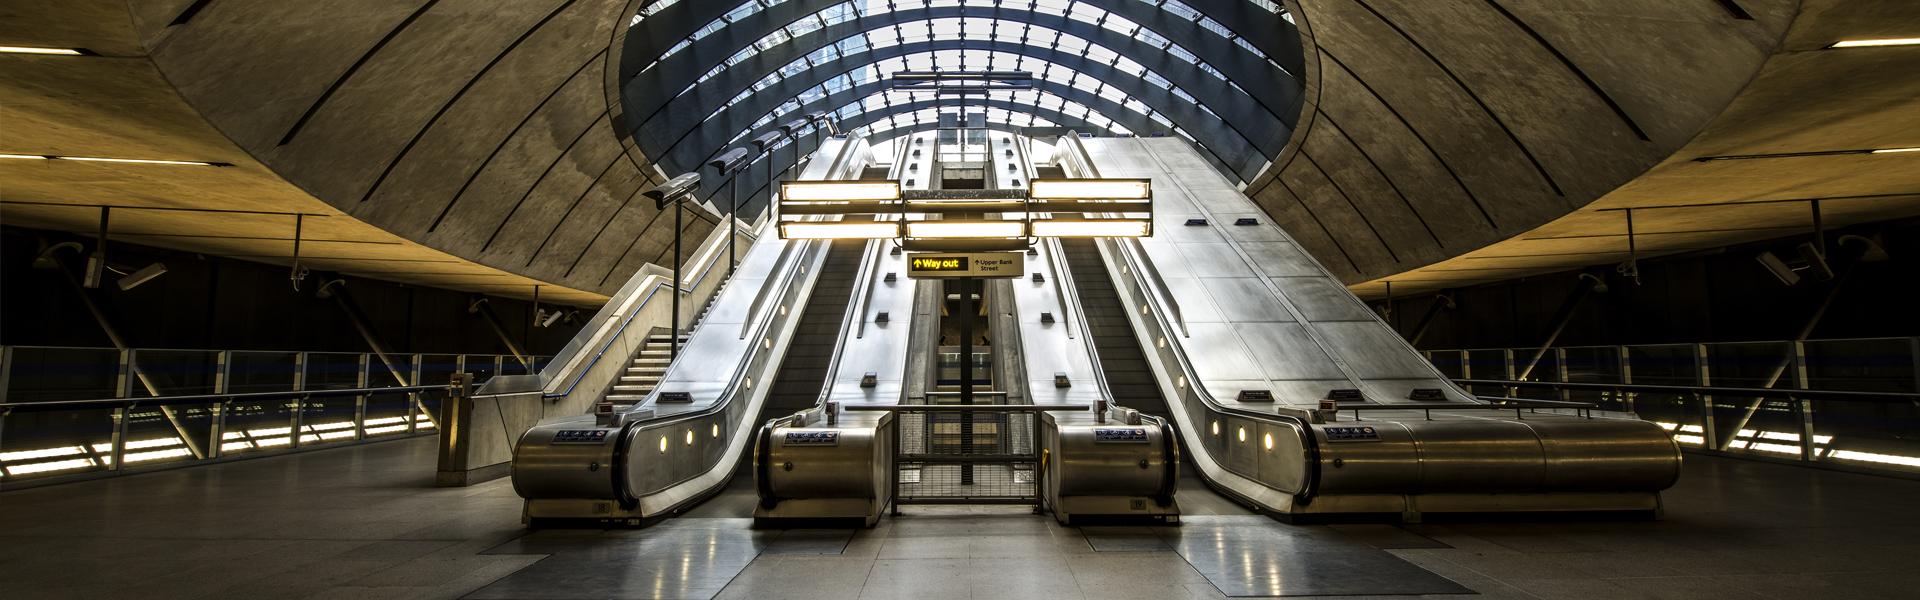 Друга черга Ювілейної лінії метро в Лондоні